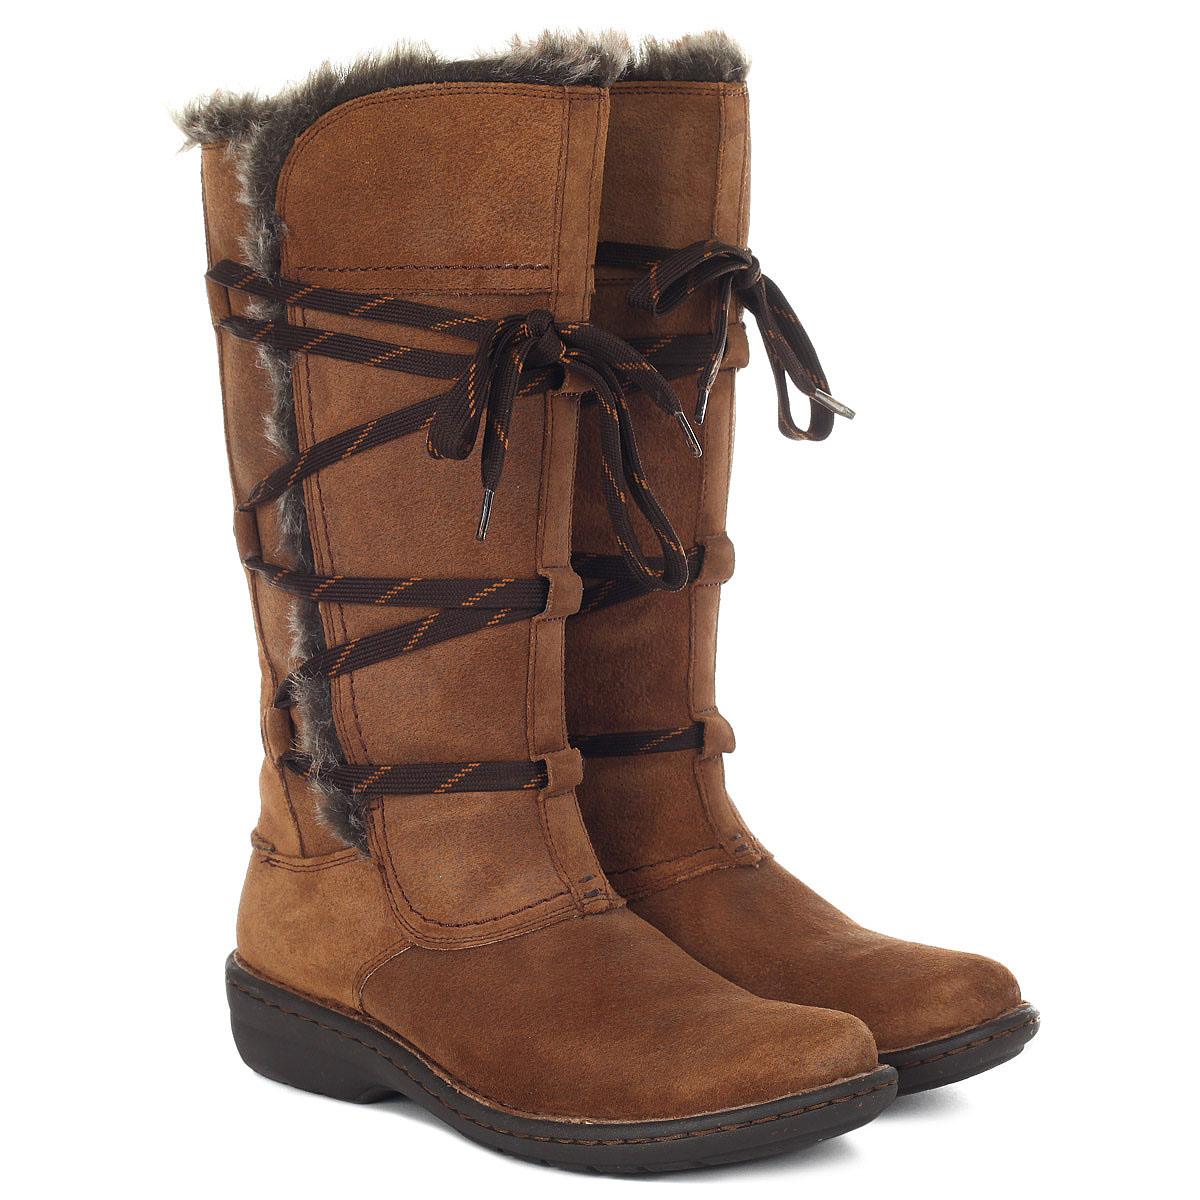 Сапоги женские Clarks Avington Hayes 26120453 коричневые 36 EU